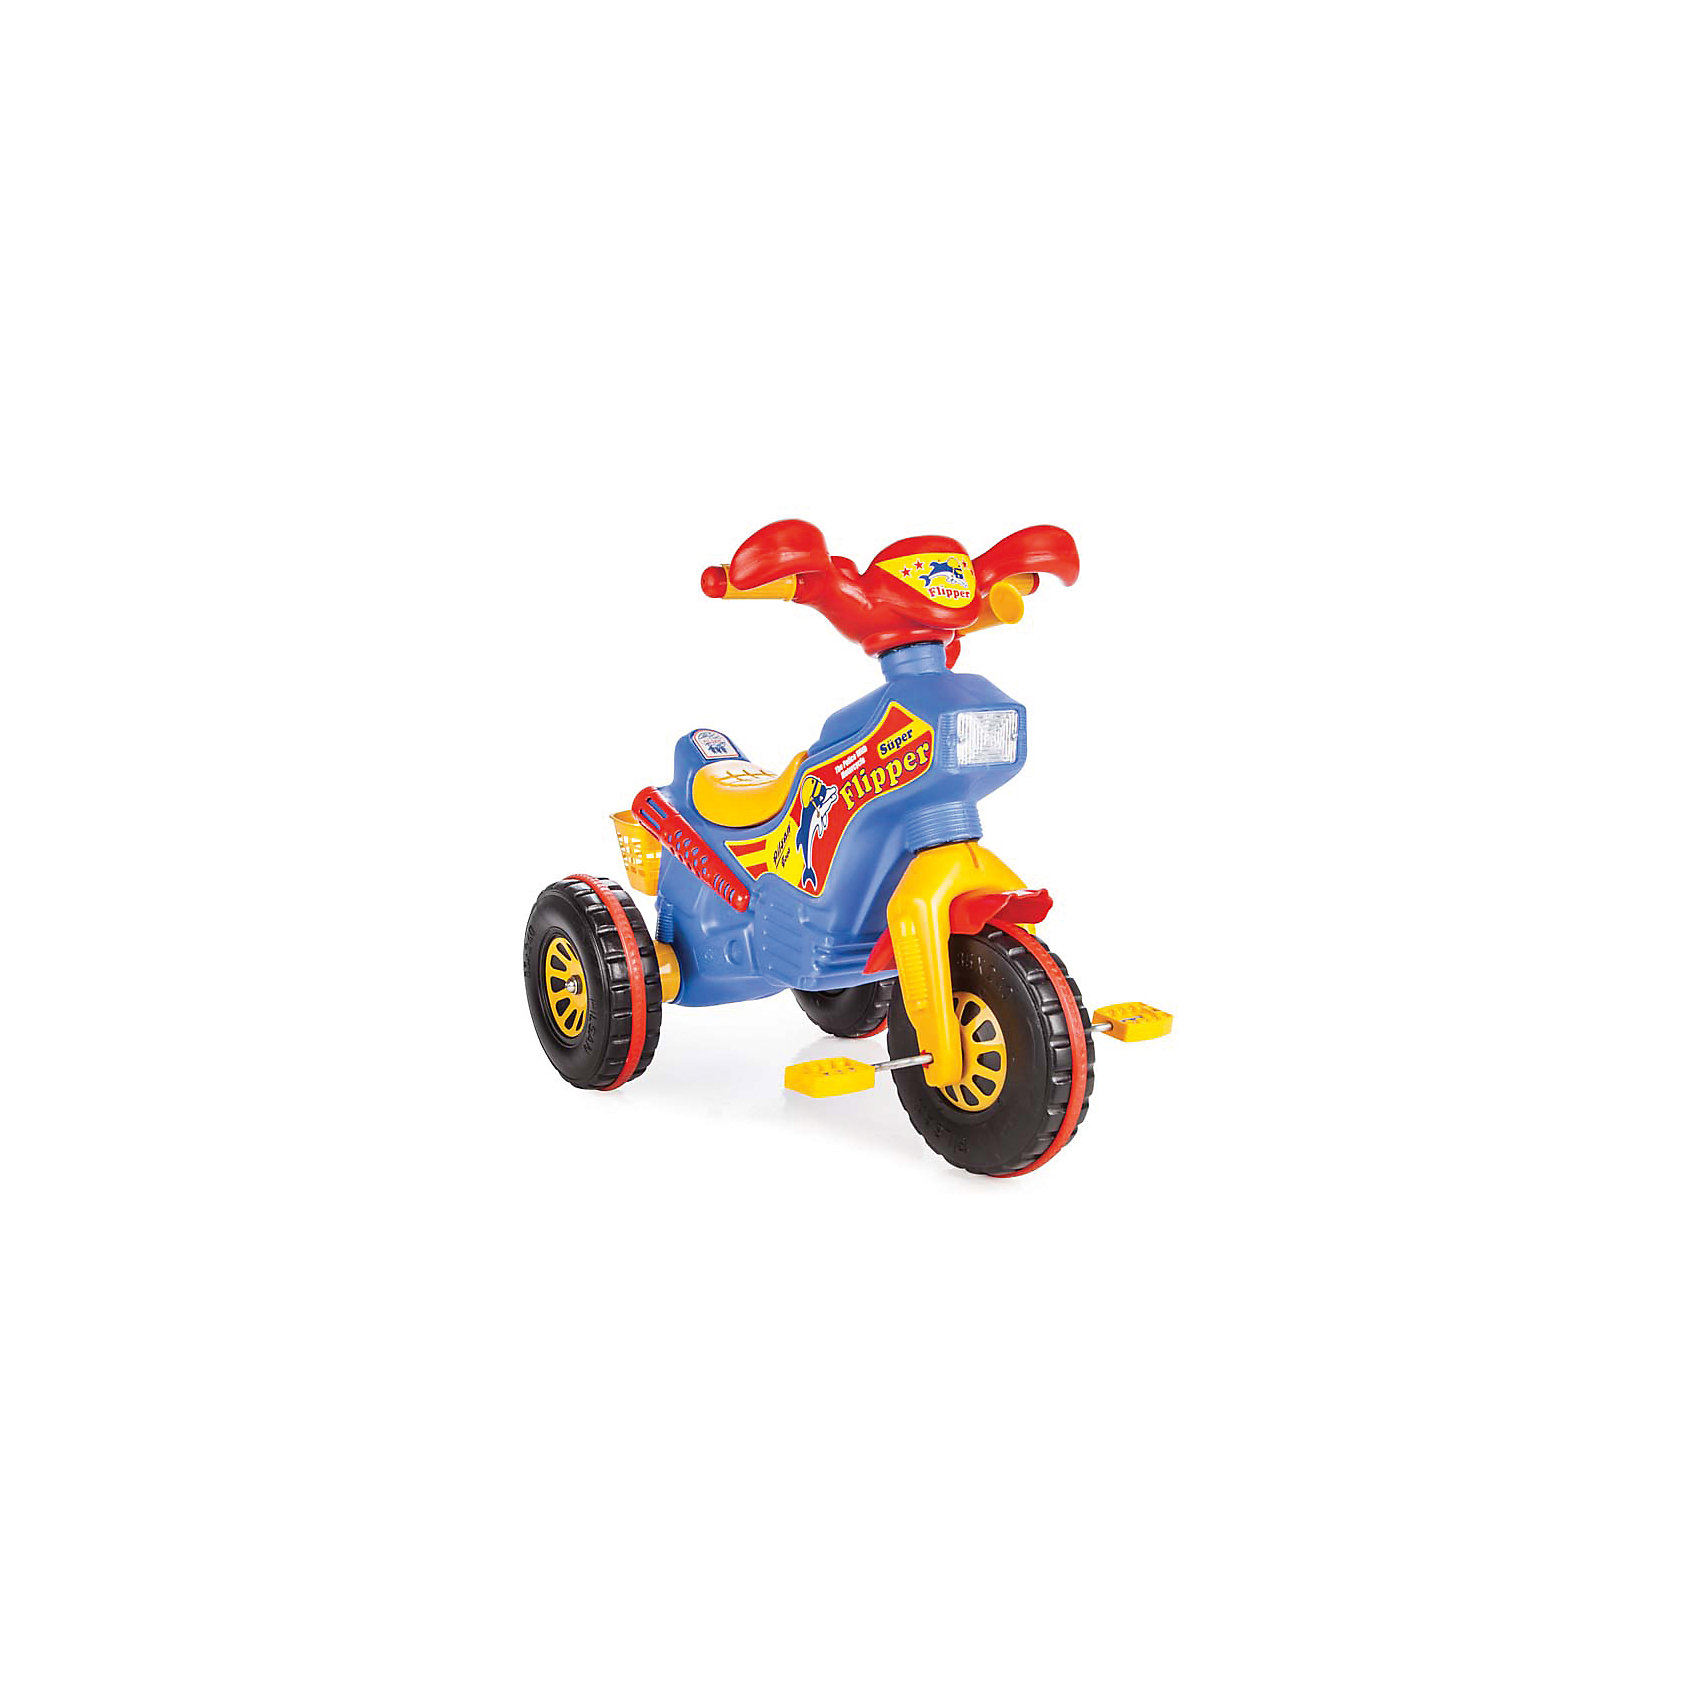 Велосипед FLIPPER 2-4 лет в пакете, PILSANВелосипеды детские<br>Характеристики товара:<br><br>• цвет: голубой<br>• возраст: от 3 лет<br>• эргономичная форма сиденья<br>• устойчивые колеса<br>• специальное соединение колесной и рулевой базы<br>• корзина для перевозки игрушек<br>• клаксон<br>• максимальная нагрузка: 50 кг<br>• материал: пластик<br>• размер упаковки: 63х80х44 см<br>• вес: 4,7 кг<br><br>Велосипед FLIPPER выполнен в виде яркого мотоцикла. <br><br>Велосипед имеет удобное сиденье и устойчивые колеса. <br><br>Оснащен клаксоном и корзинкой для перевозки игрушек. <br><br>Небольшой вес позволяет брать велосипед на прогулку. <br><br>Способствует развитию опорно-двигательного аппарата. <br><br>Изготовлен из прочного высококачественного пластика.<br><br>Велосипед FLIPPER 2-4 лет в пакете, PILSAN (Пилсан) вы можете купить в нашем интернет-магазине.<br><br>Ширина мм: 440<br>Глубина мм: 800<br>Высота мм: 630<br>Вес г: 4700<br>Возраст от месяцев: 36<br>Возраст до месяцев: 72<br>Пол: Унисекс<br>Возраст: Детский<br>SKU: 5512054